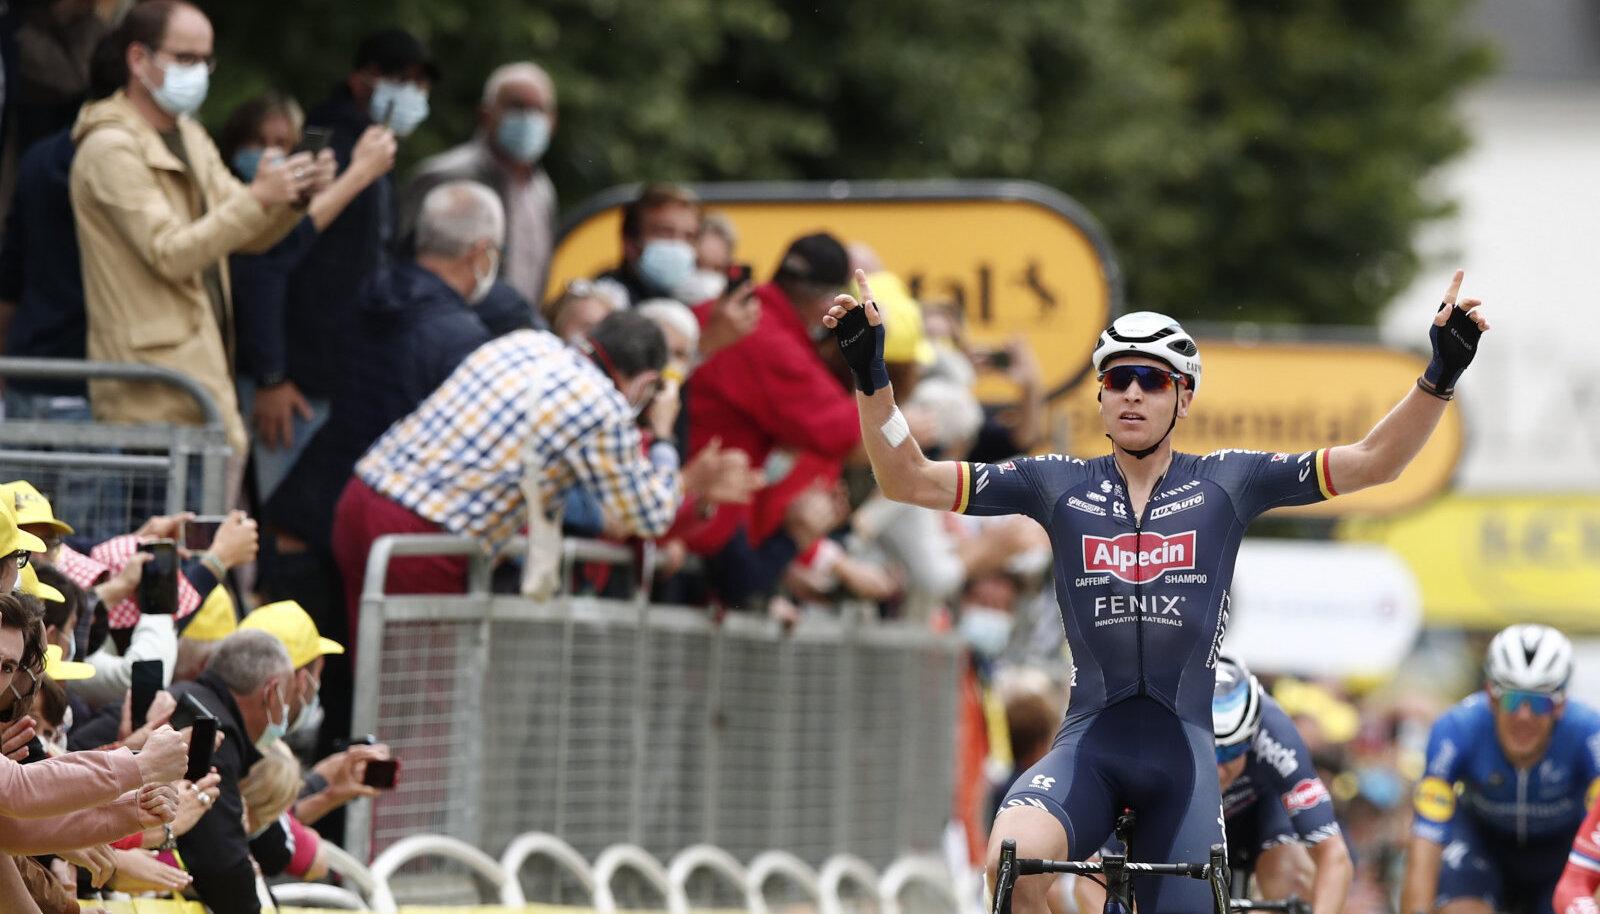 Võidumees Tim Merlier